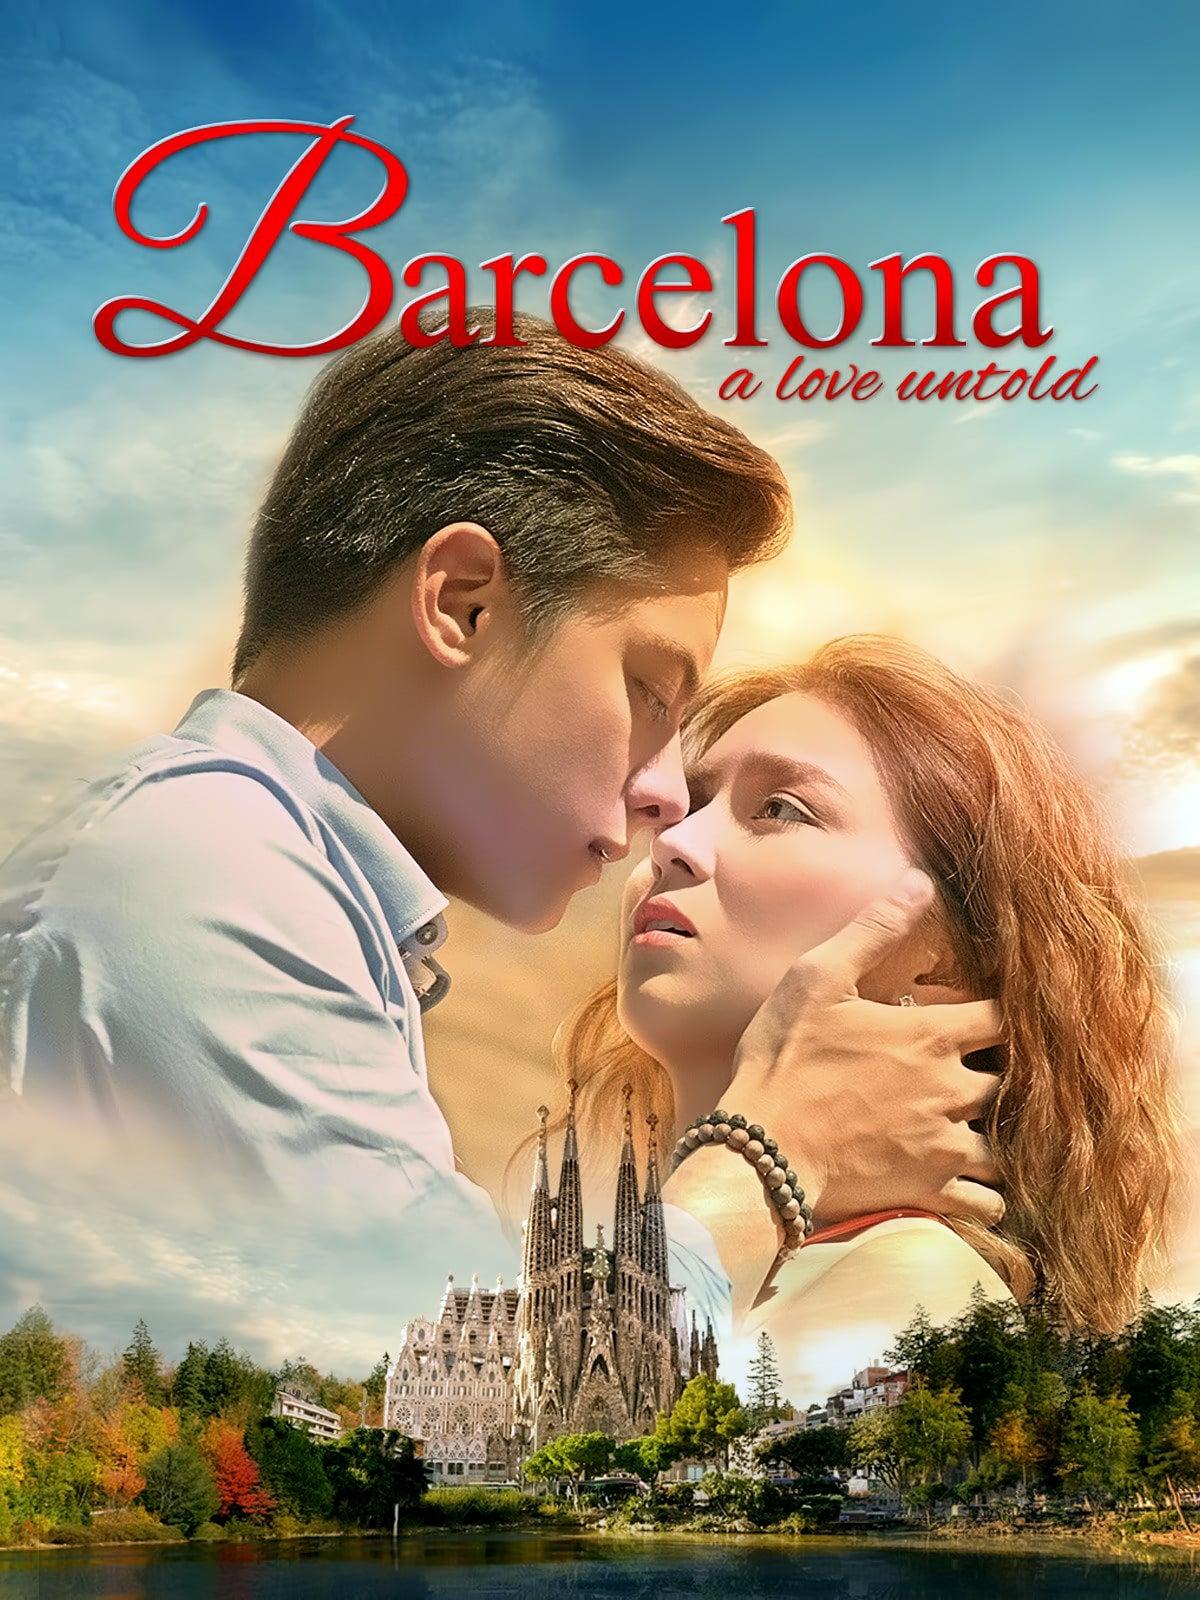 Barcelona: A Love Untold